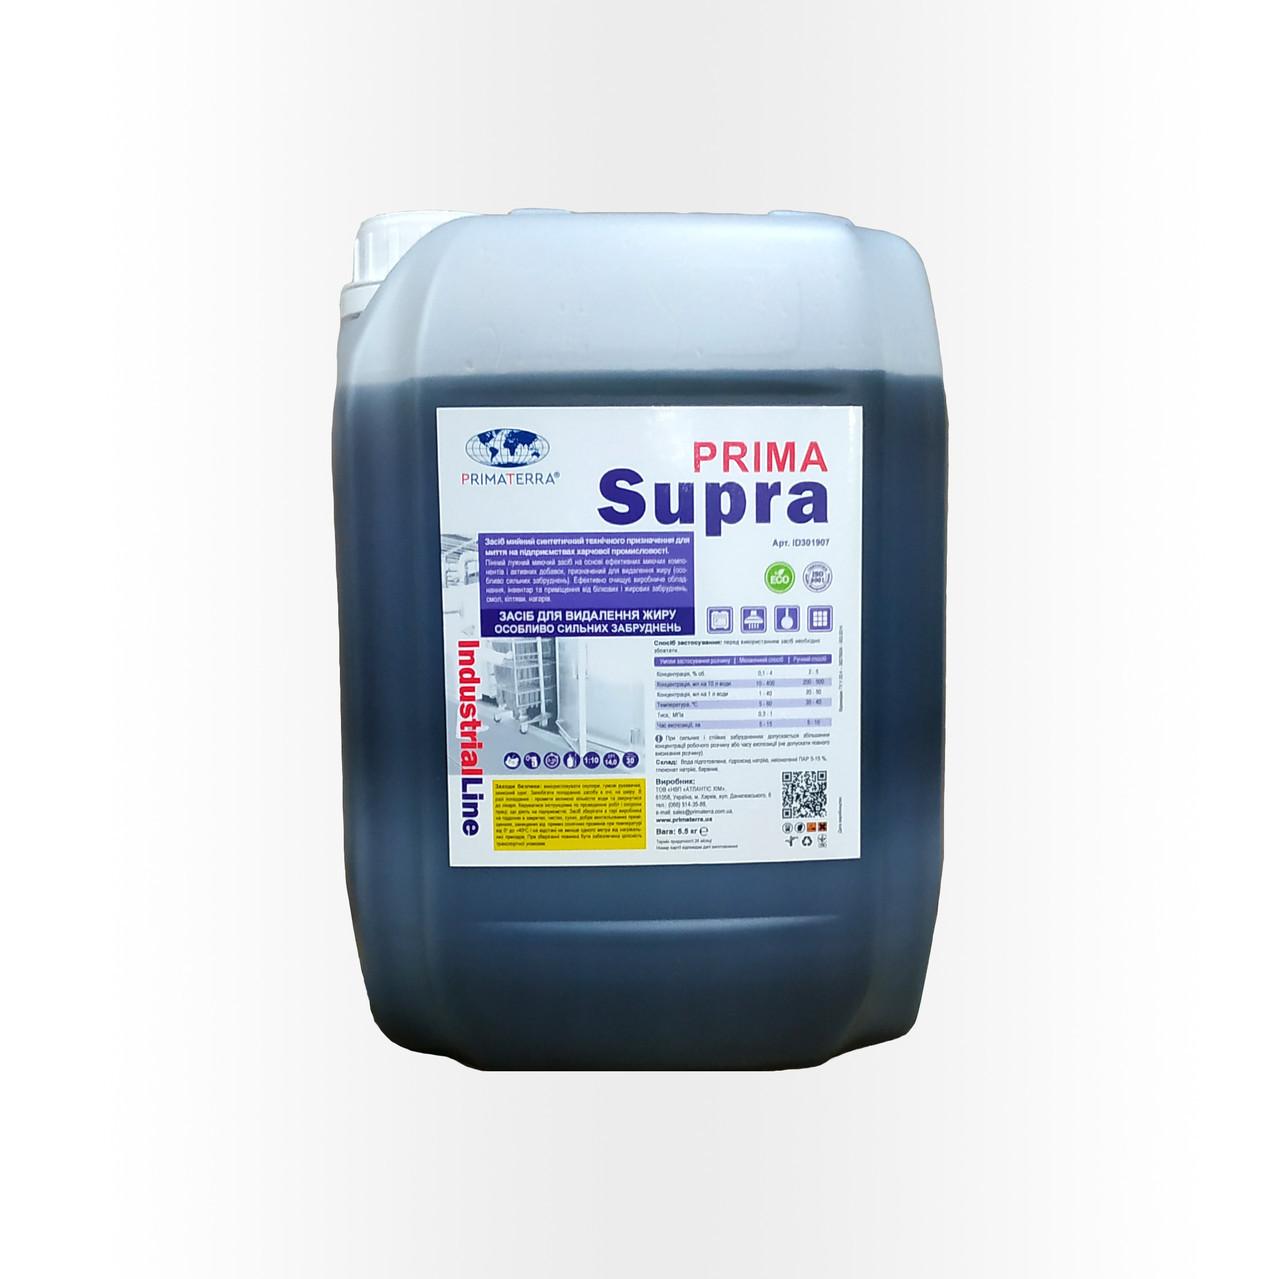 Концентрат для удаления жира, пригара, копоти (для особо сложных загрязнений) SUPRA (6,50 кг)